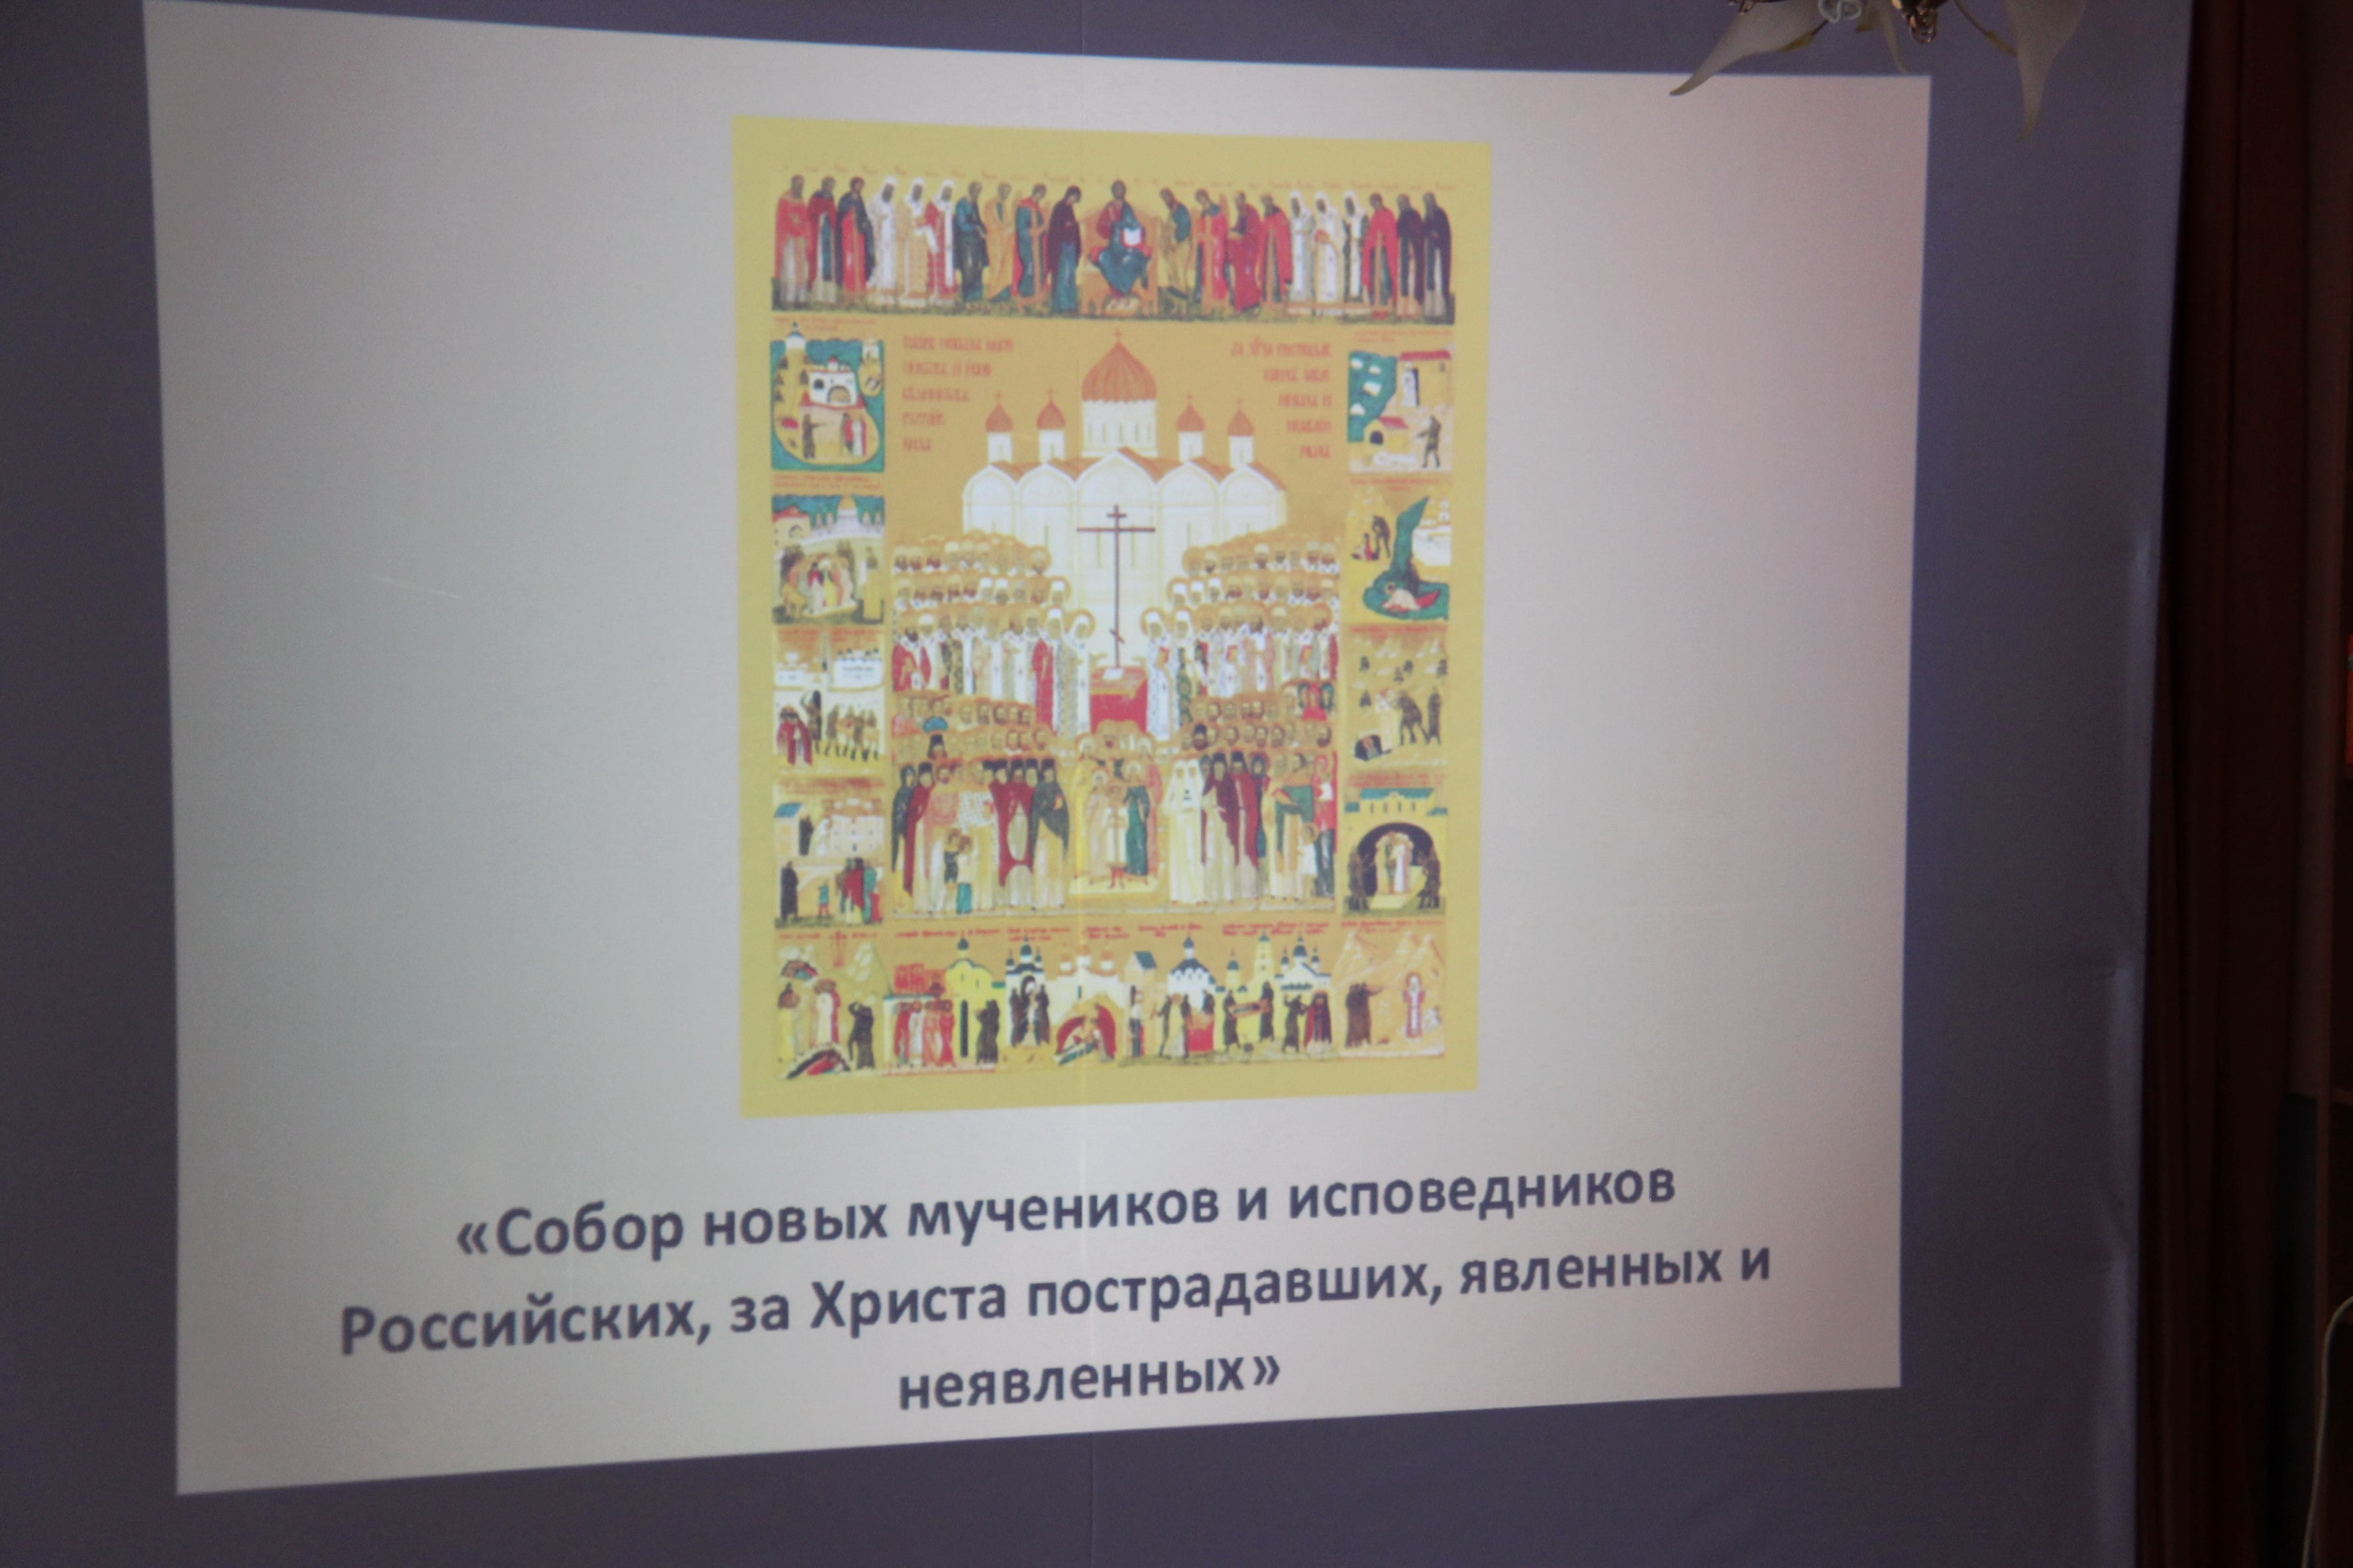 http://monuspen.ru/photoreports/c736a56d953caaa72b1b3075d0a59615.JPG